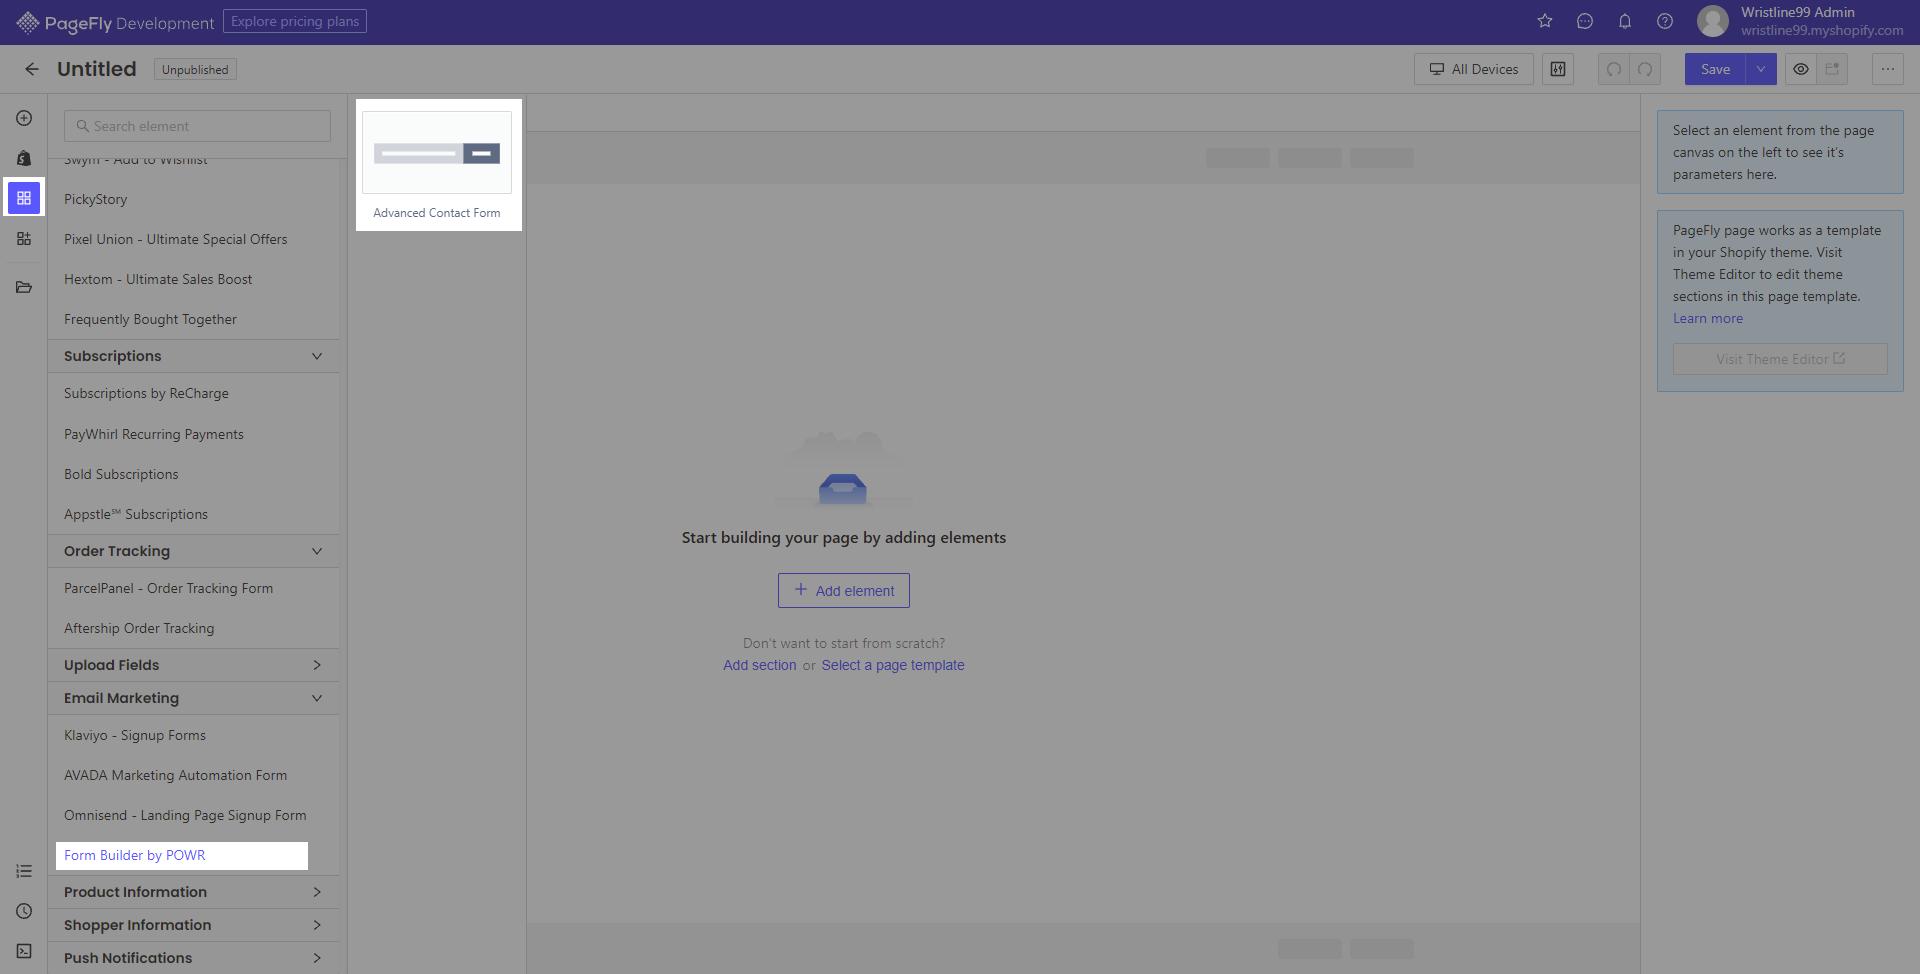 Access POWR form builder